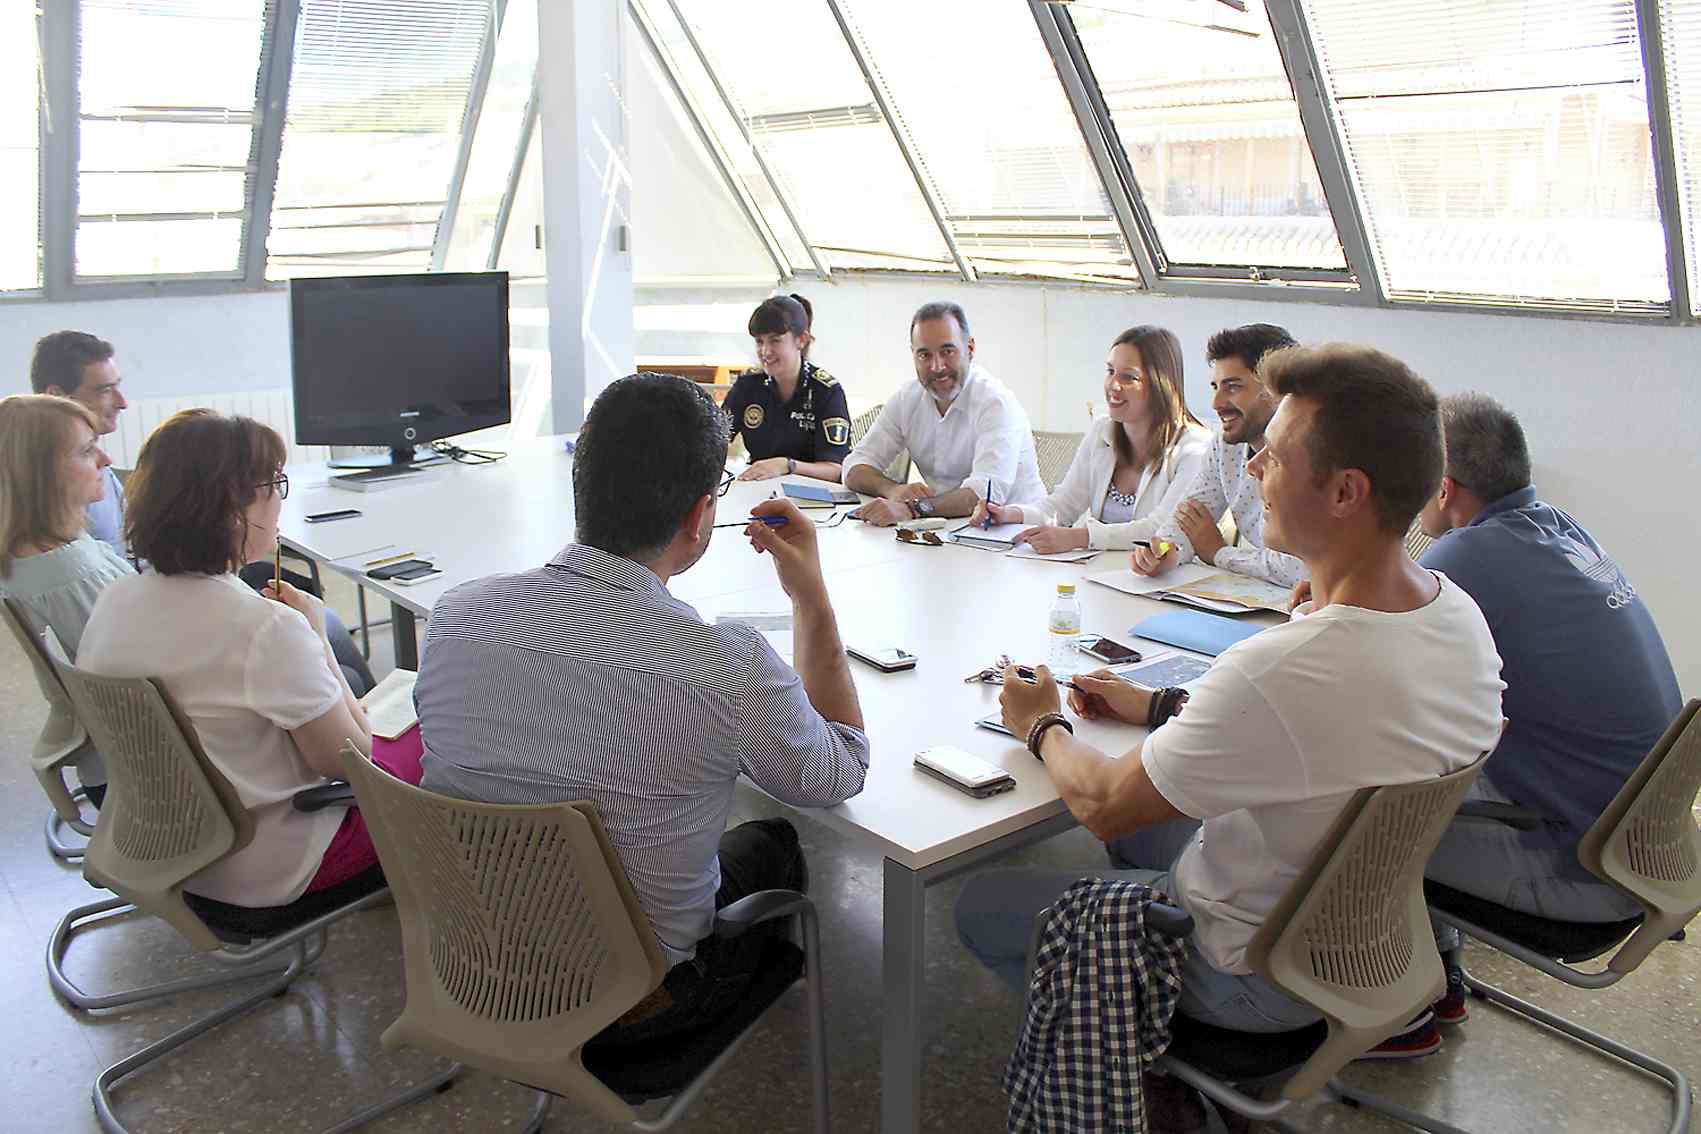 Primera reunión para organizar la salida desde Ibi de la tercera etapa de la Vuelta Ciclista a España 2019